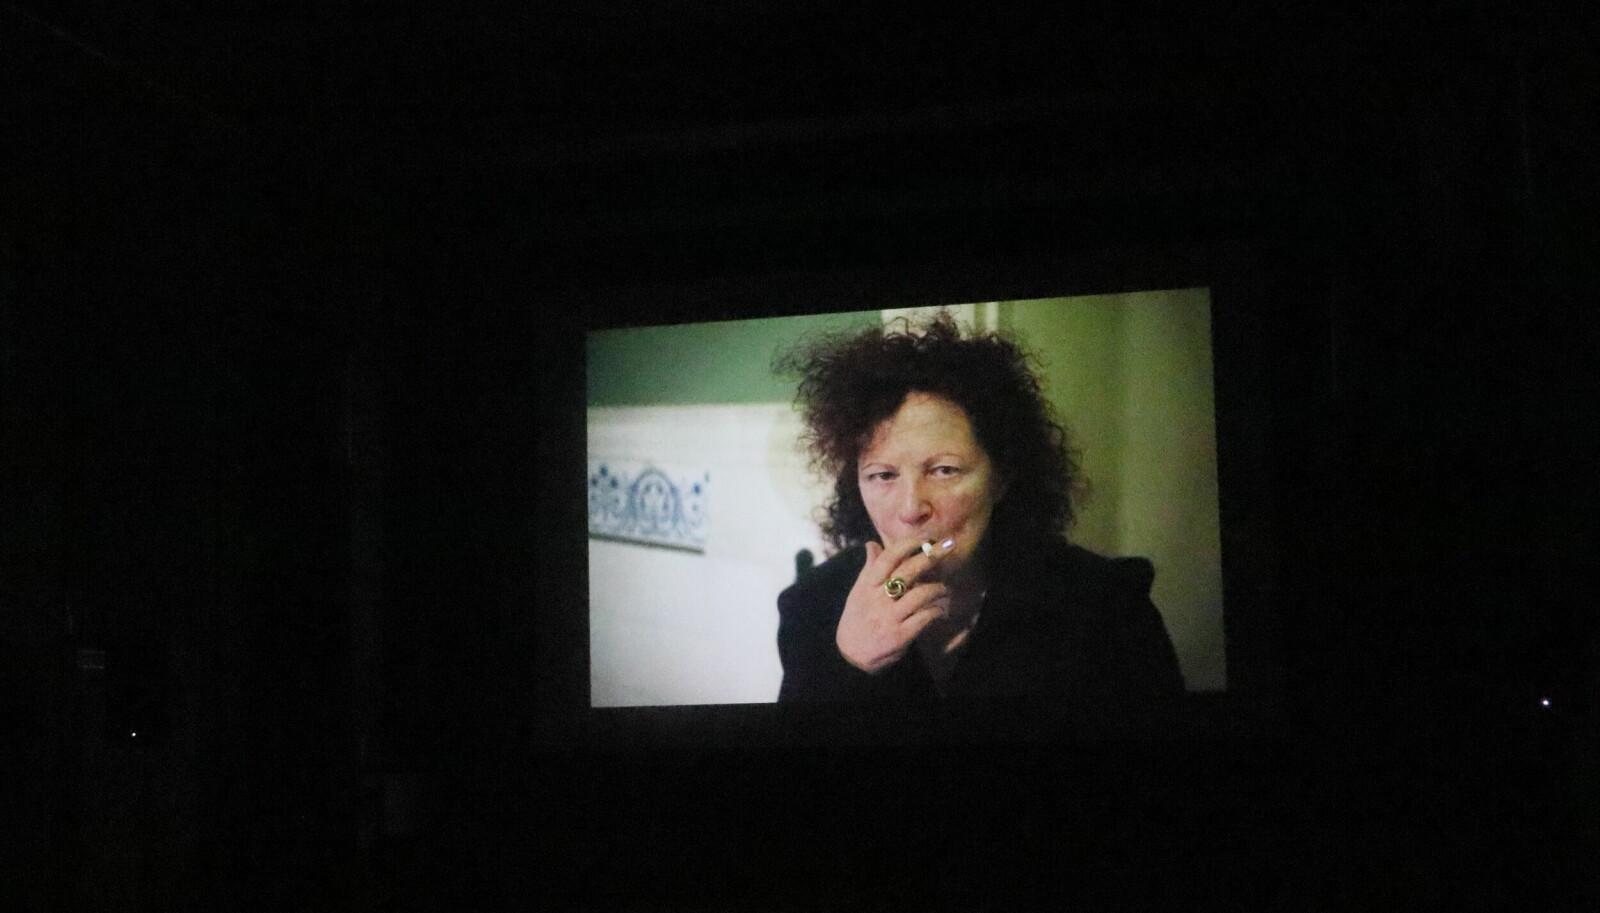 Stillbilde fra kunstfilmen « Memory Lost». I den skildrer Nan Goldin kunstnerisk hvordan det er å leve med og se verden gjennom en linse av misbruk. I det aller meste av den 24 minutter lange filmen er menneskene og motivene ute av fokus.